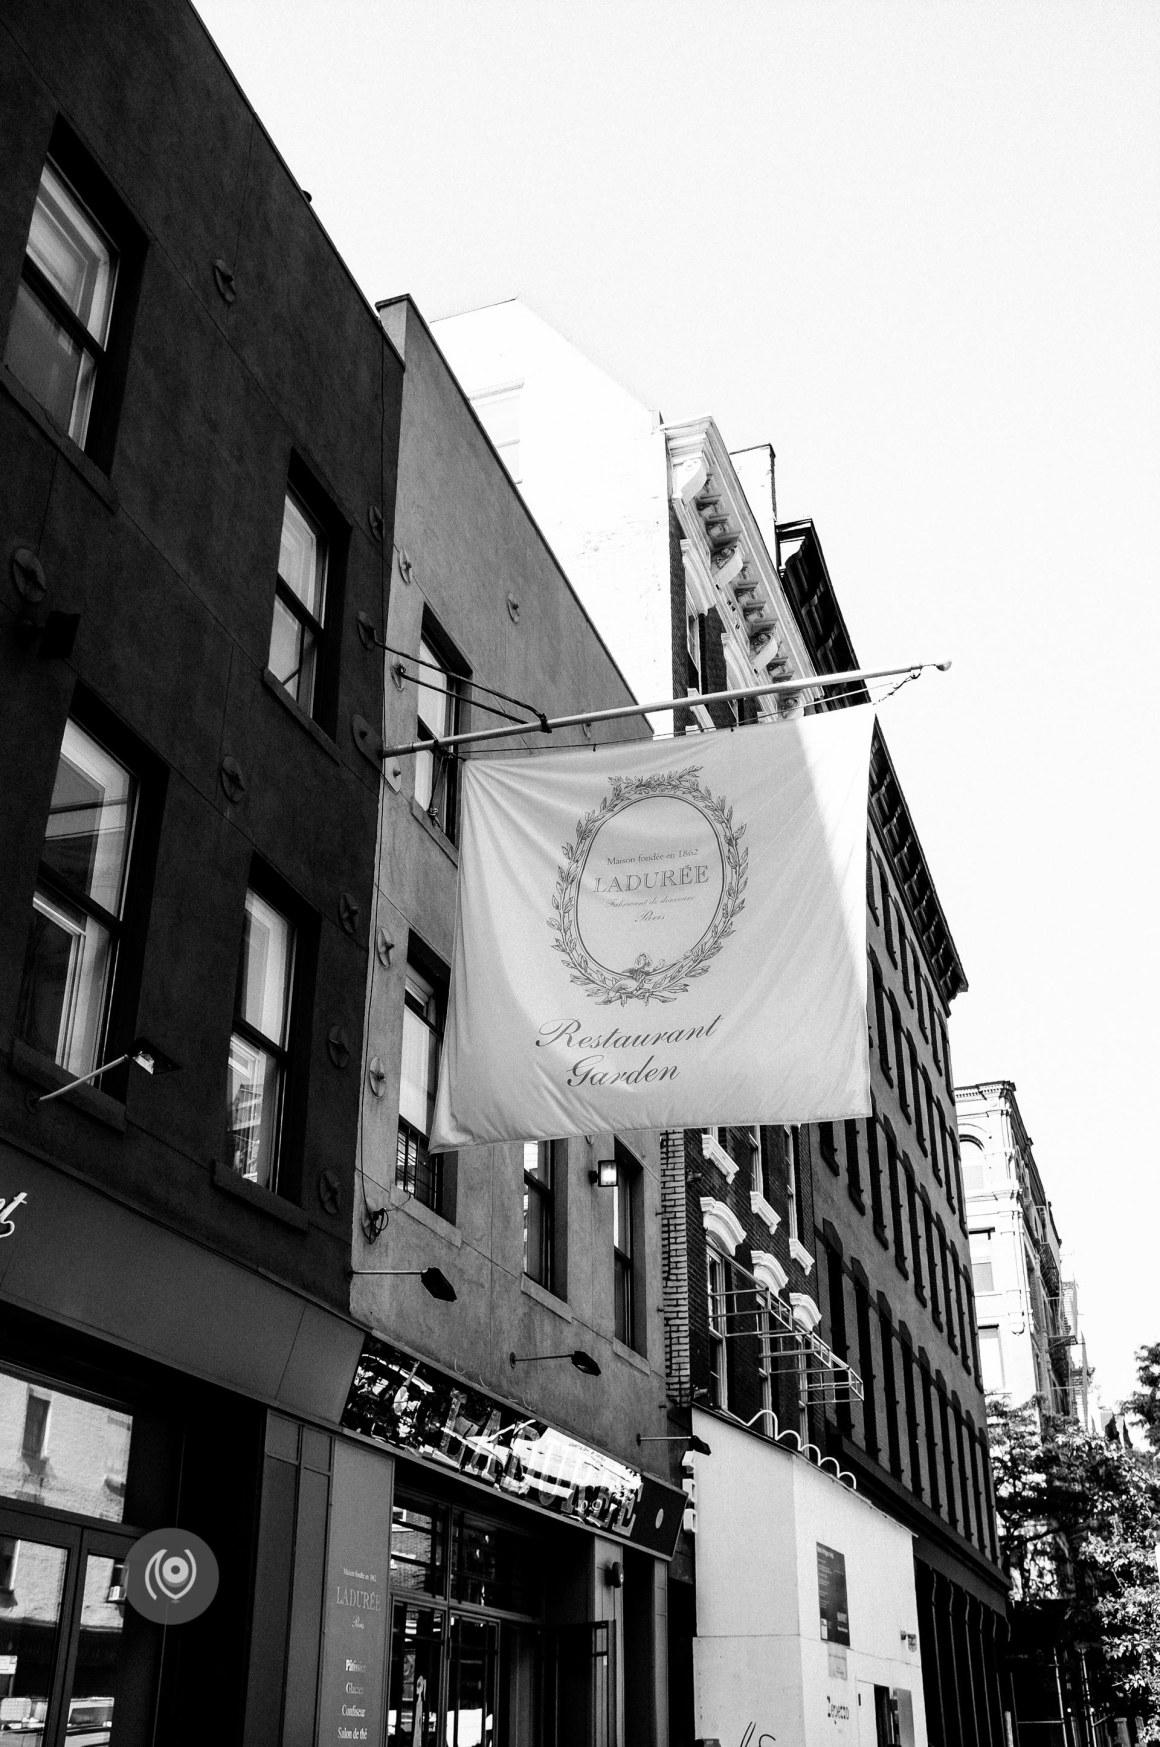 Maison Laduree #EyesForDining #EyesForNewYork #REDHUxNYC Naina.co Luxury & Lifestyle, Photographer Storyteller, Blogger